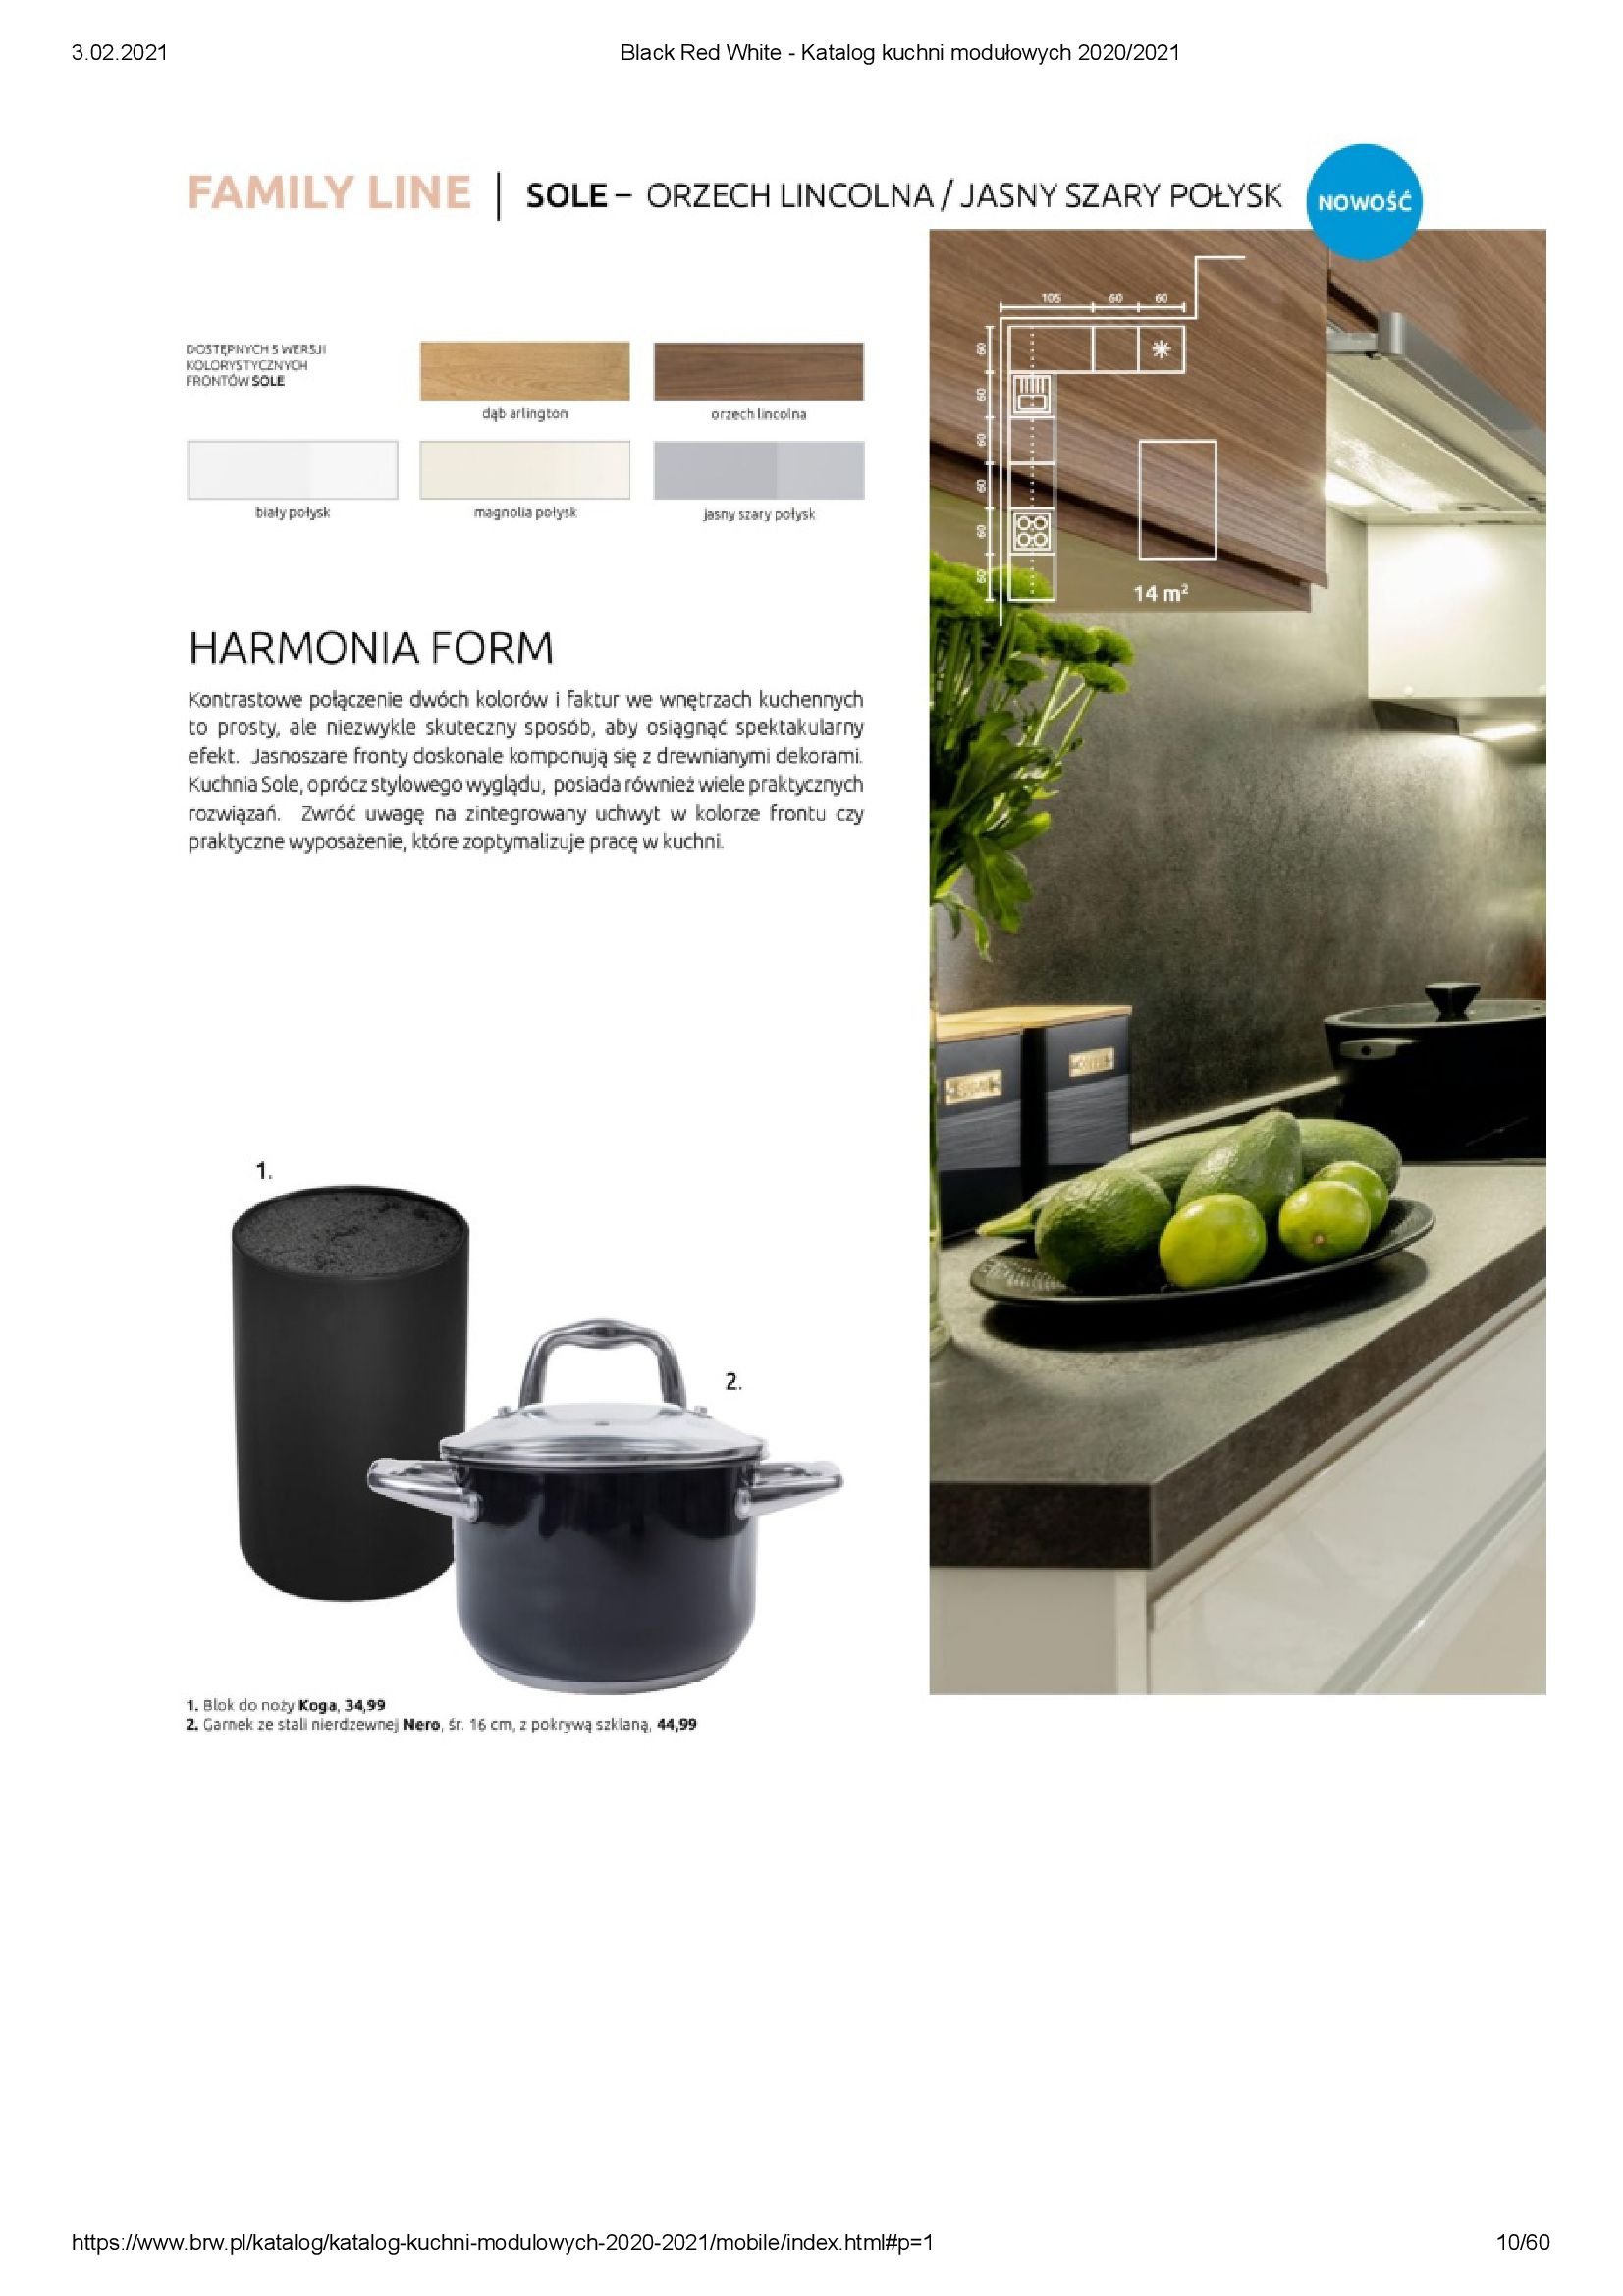 Gazetka Black Red White: Katalog - Kuchnie modułowe 2020/2021 2021-01-01 page-10